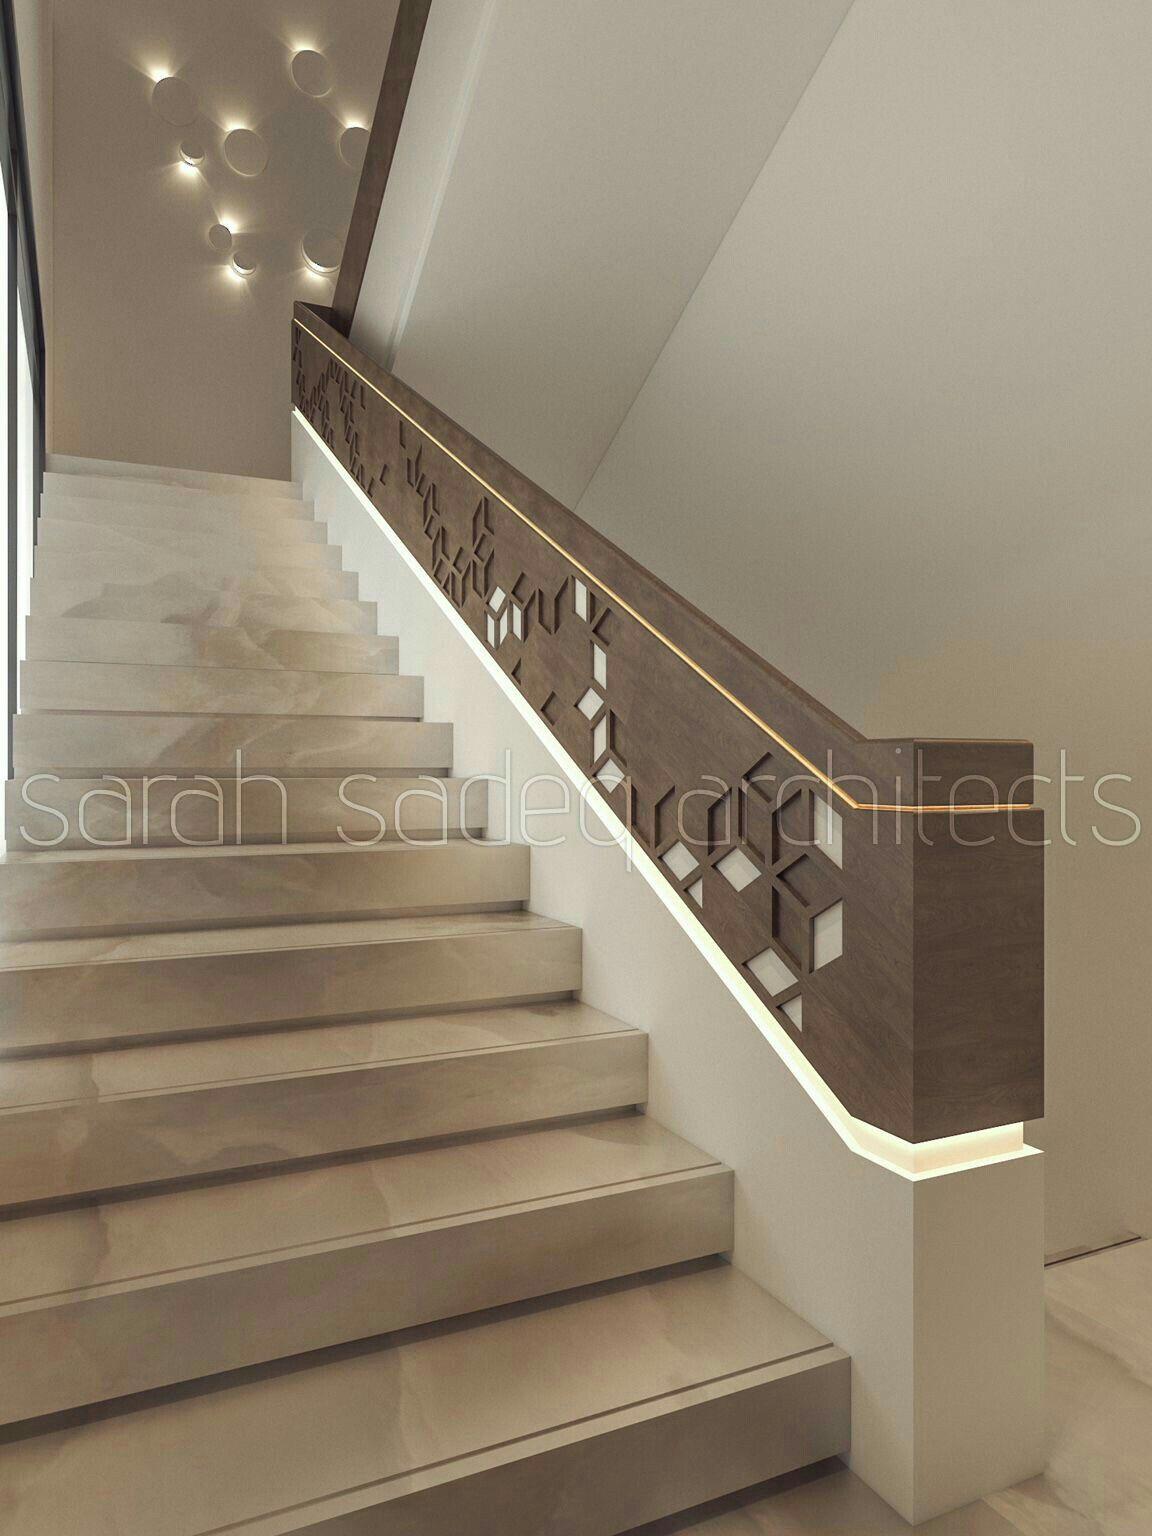 Stiegen, Innenausstattung, Innenarchitektur, Treppe Ideen, Schwimm Treppe,  Ideen Geländer, Treppengeländer, Geländer Design, Bannister